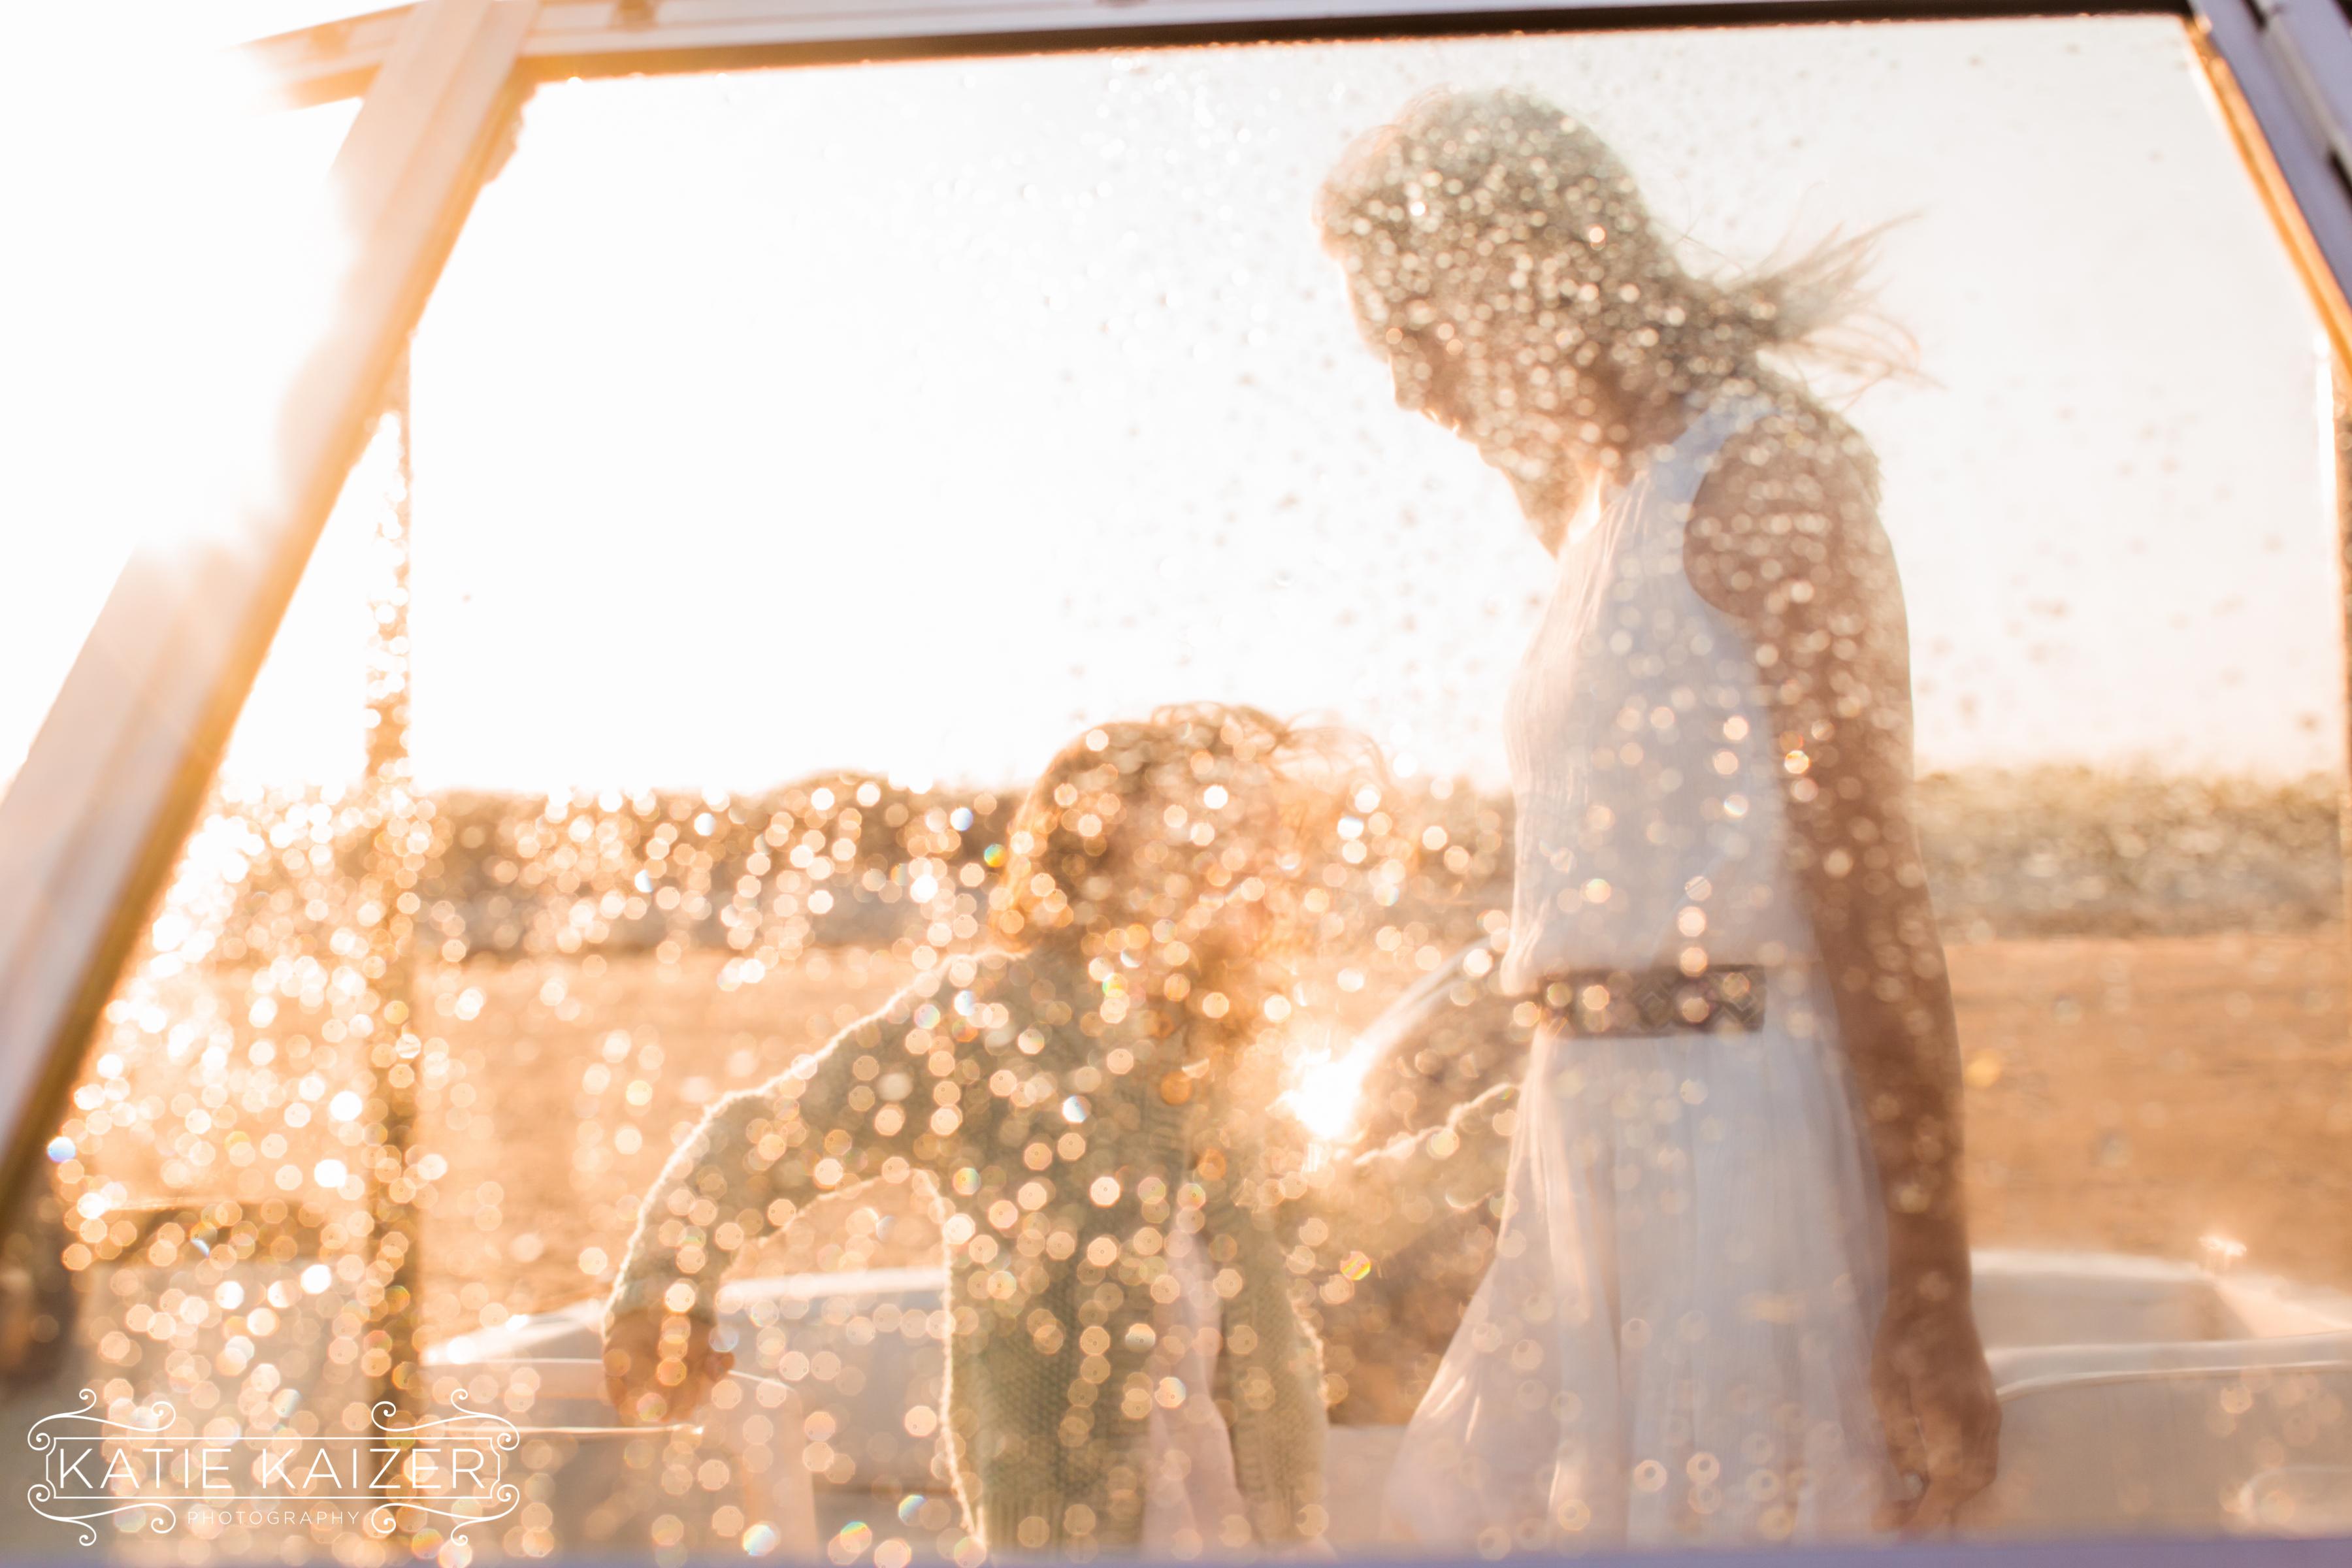 IllerFamily_013_KatieKaizerPhotography